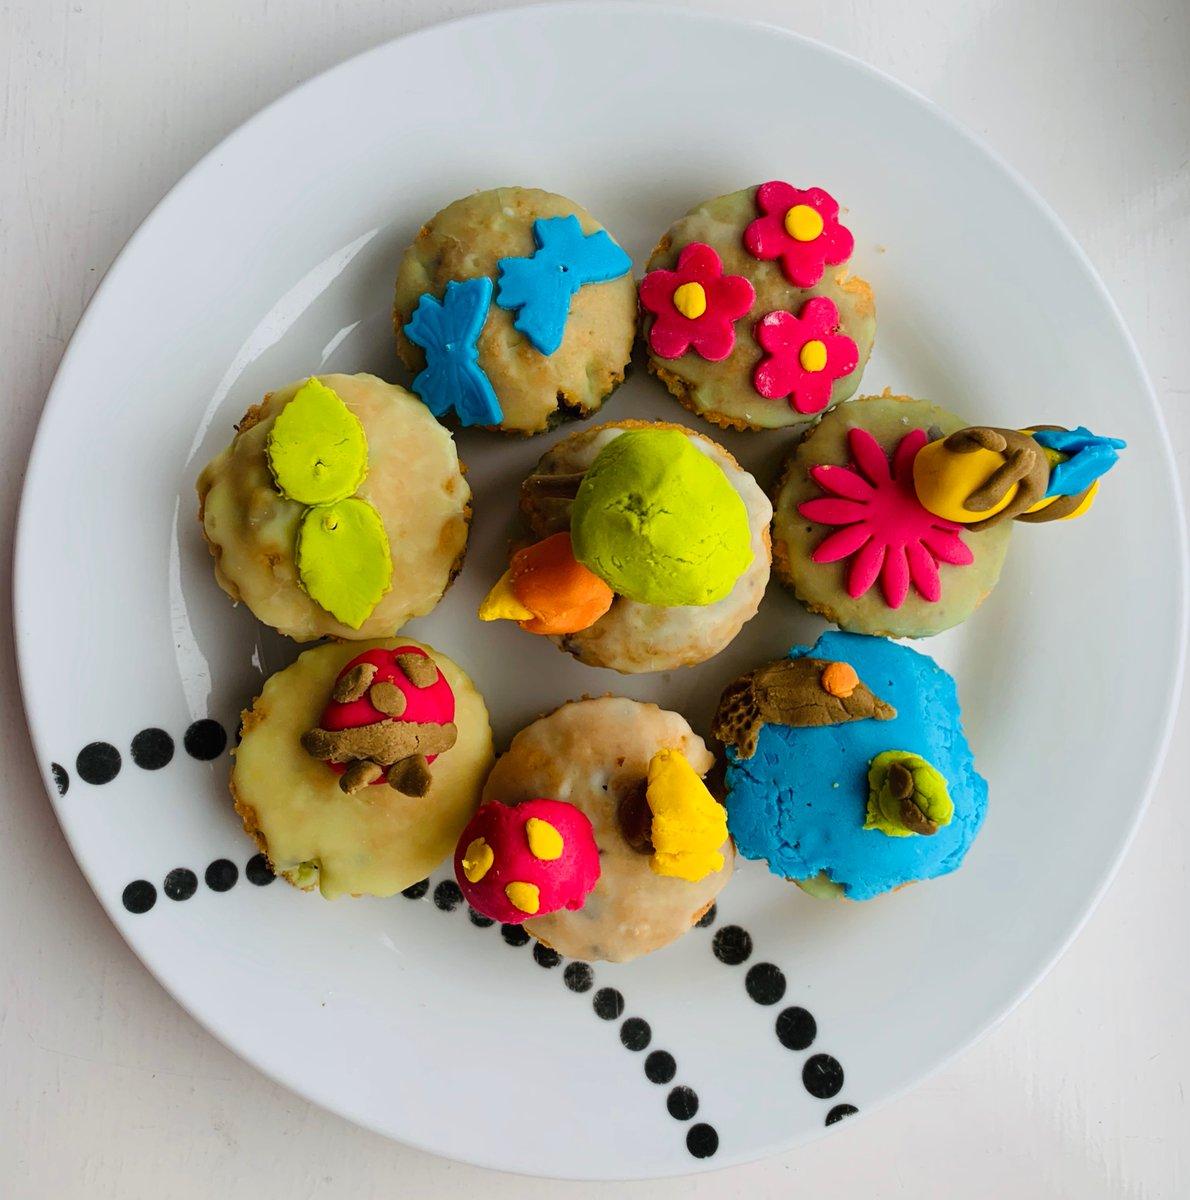 Lana J - year 6 Blenheim Bake off @BlenheimEpsom #TEAMBLENHEIM<br>http://pic.twitter.com/7nE5kpLTa3